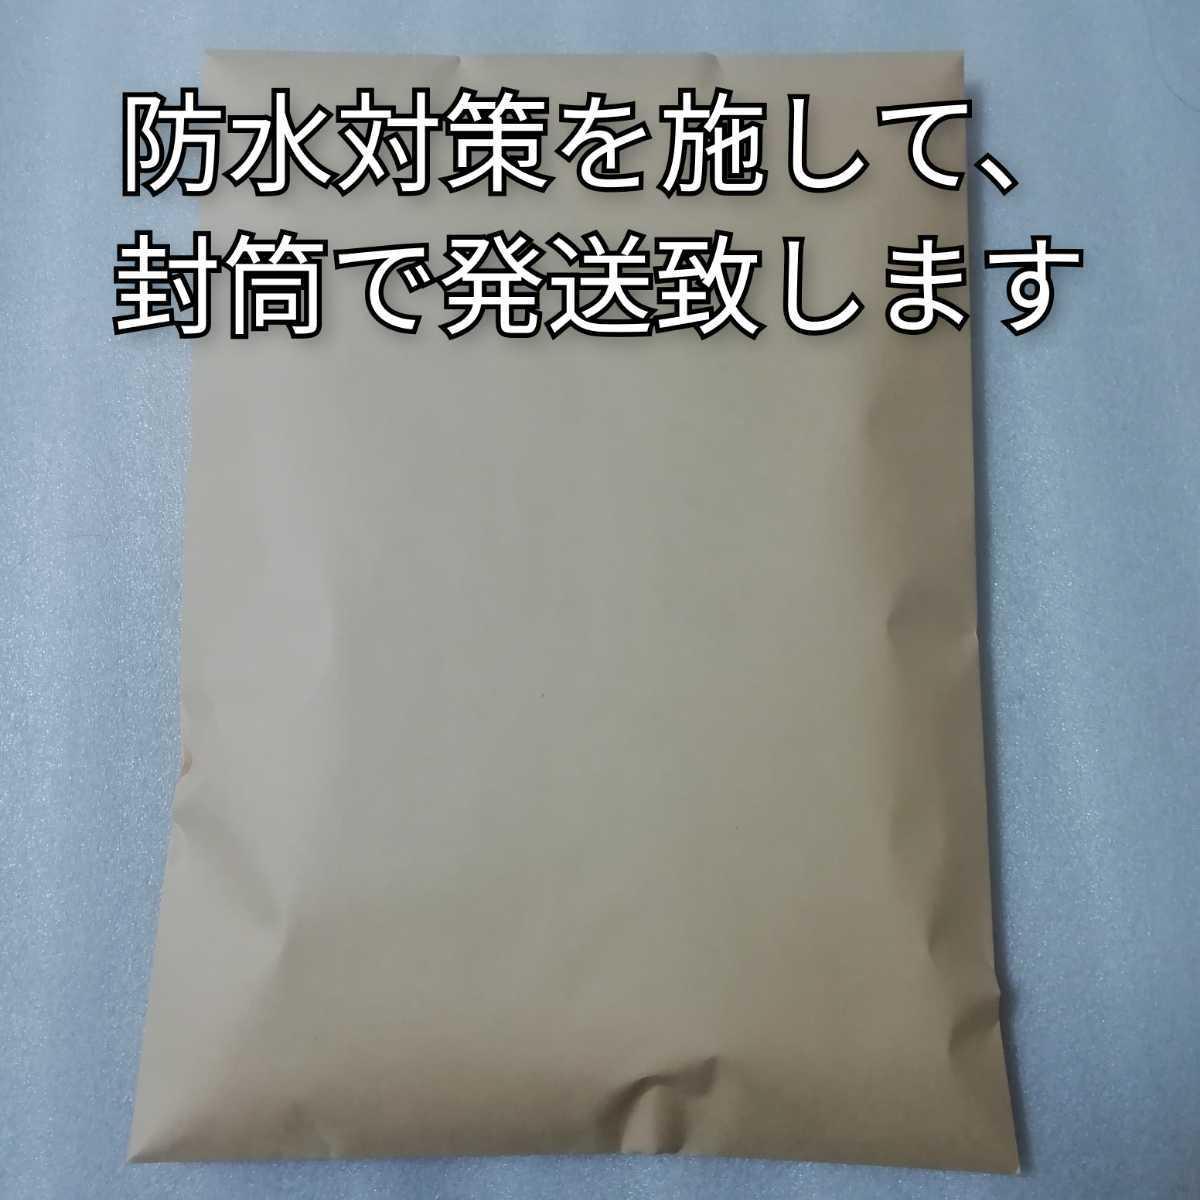 ビクトリーブレンド 18袋 澤井珈琲 ドリップコーヒー 送料無料 ①_画像2